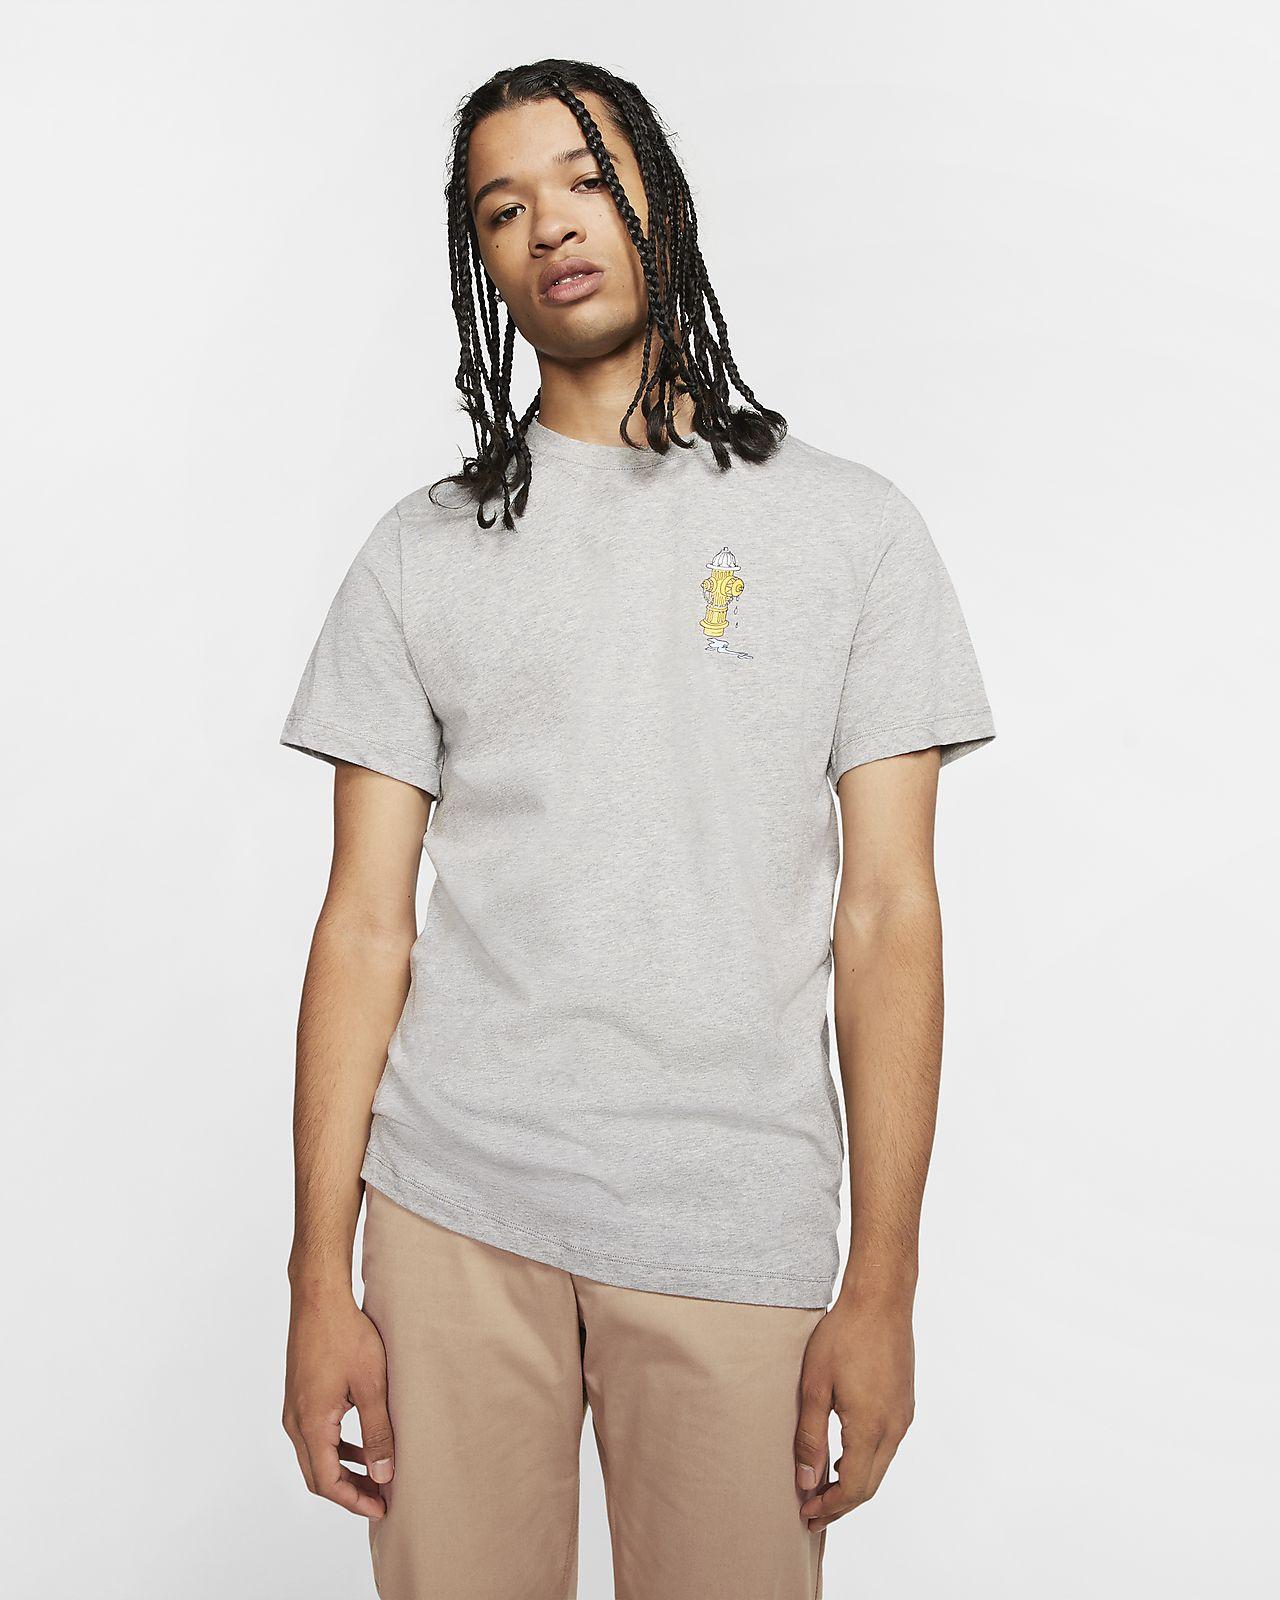 Męski T-shirt do skateboardingu Nike SB